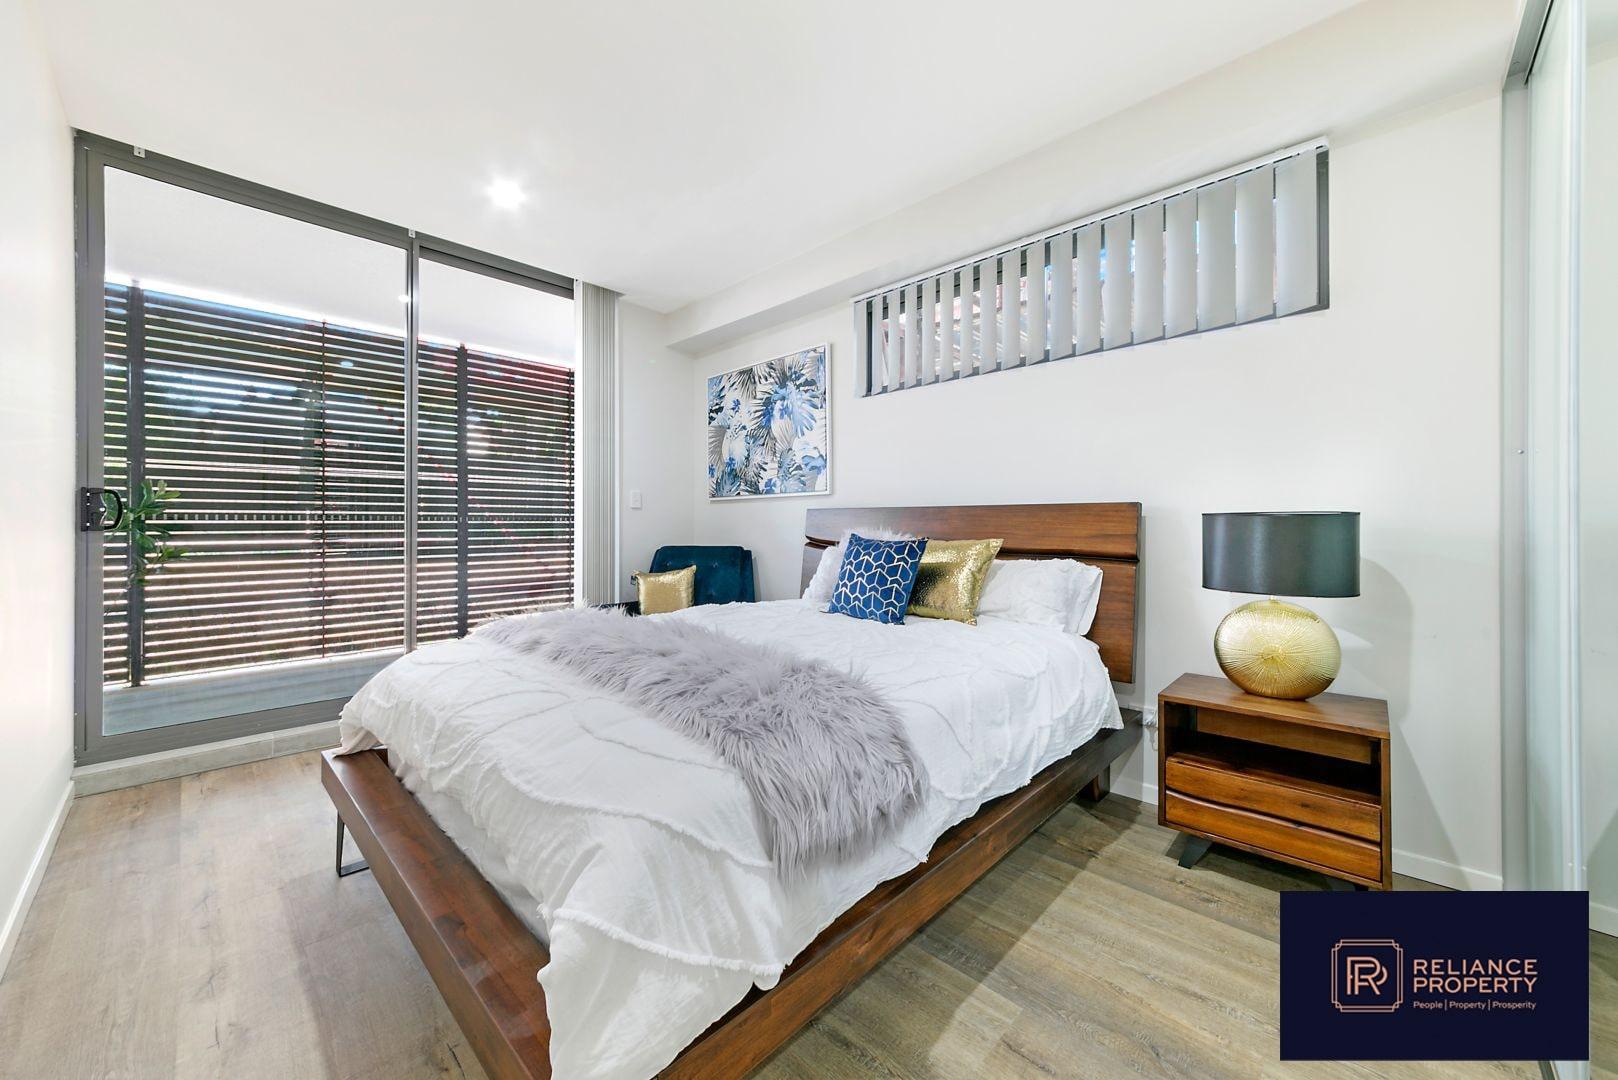 B301  31-37 Garfield Street  Wentworthville NSW 2145